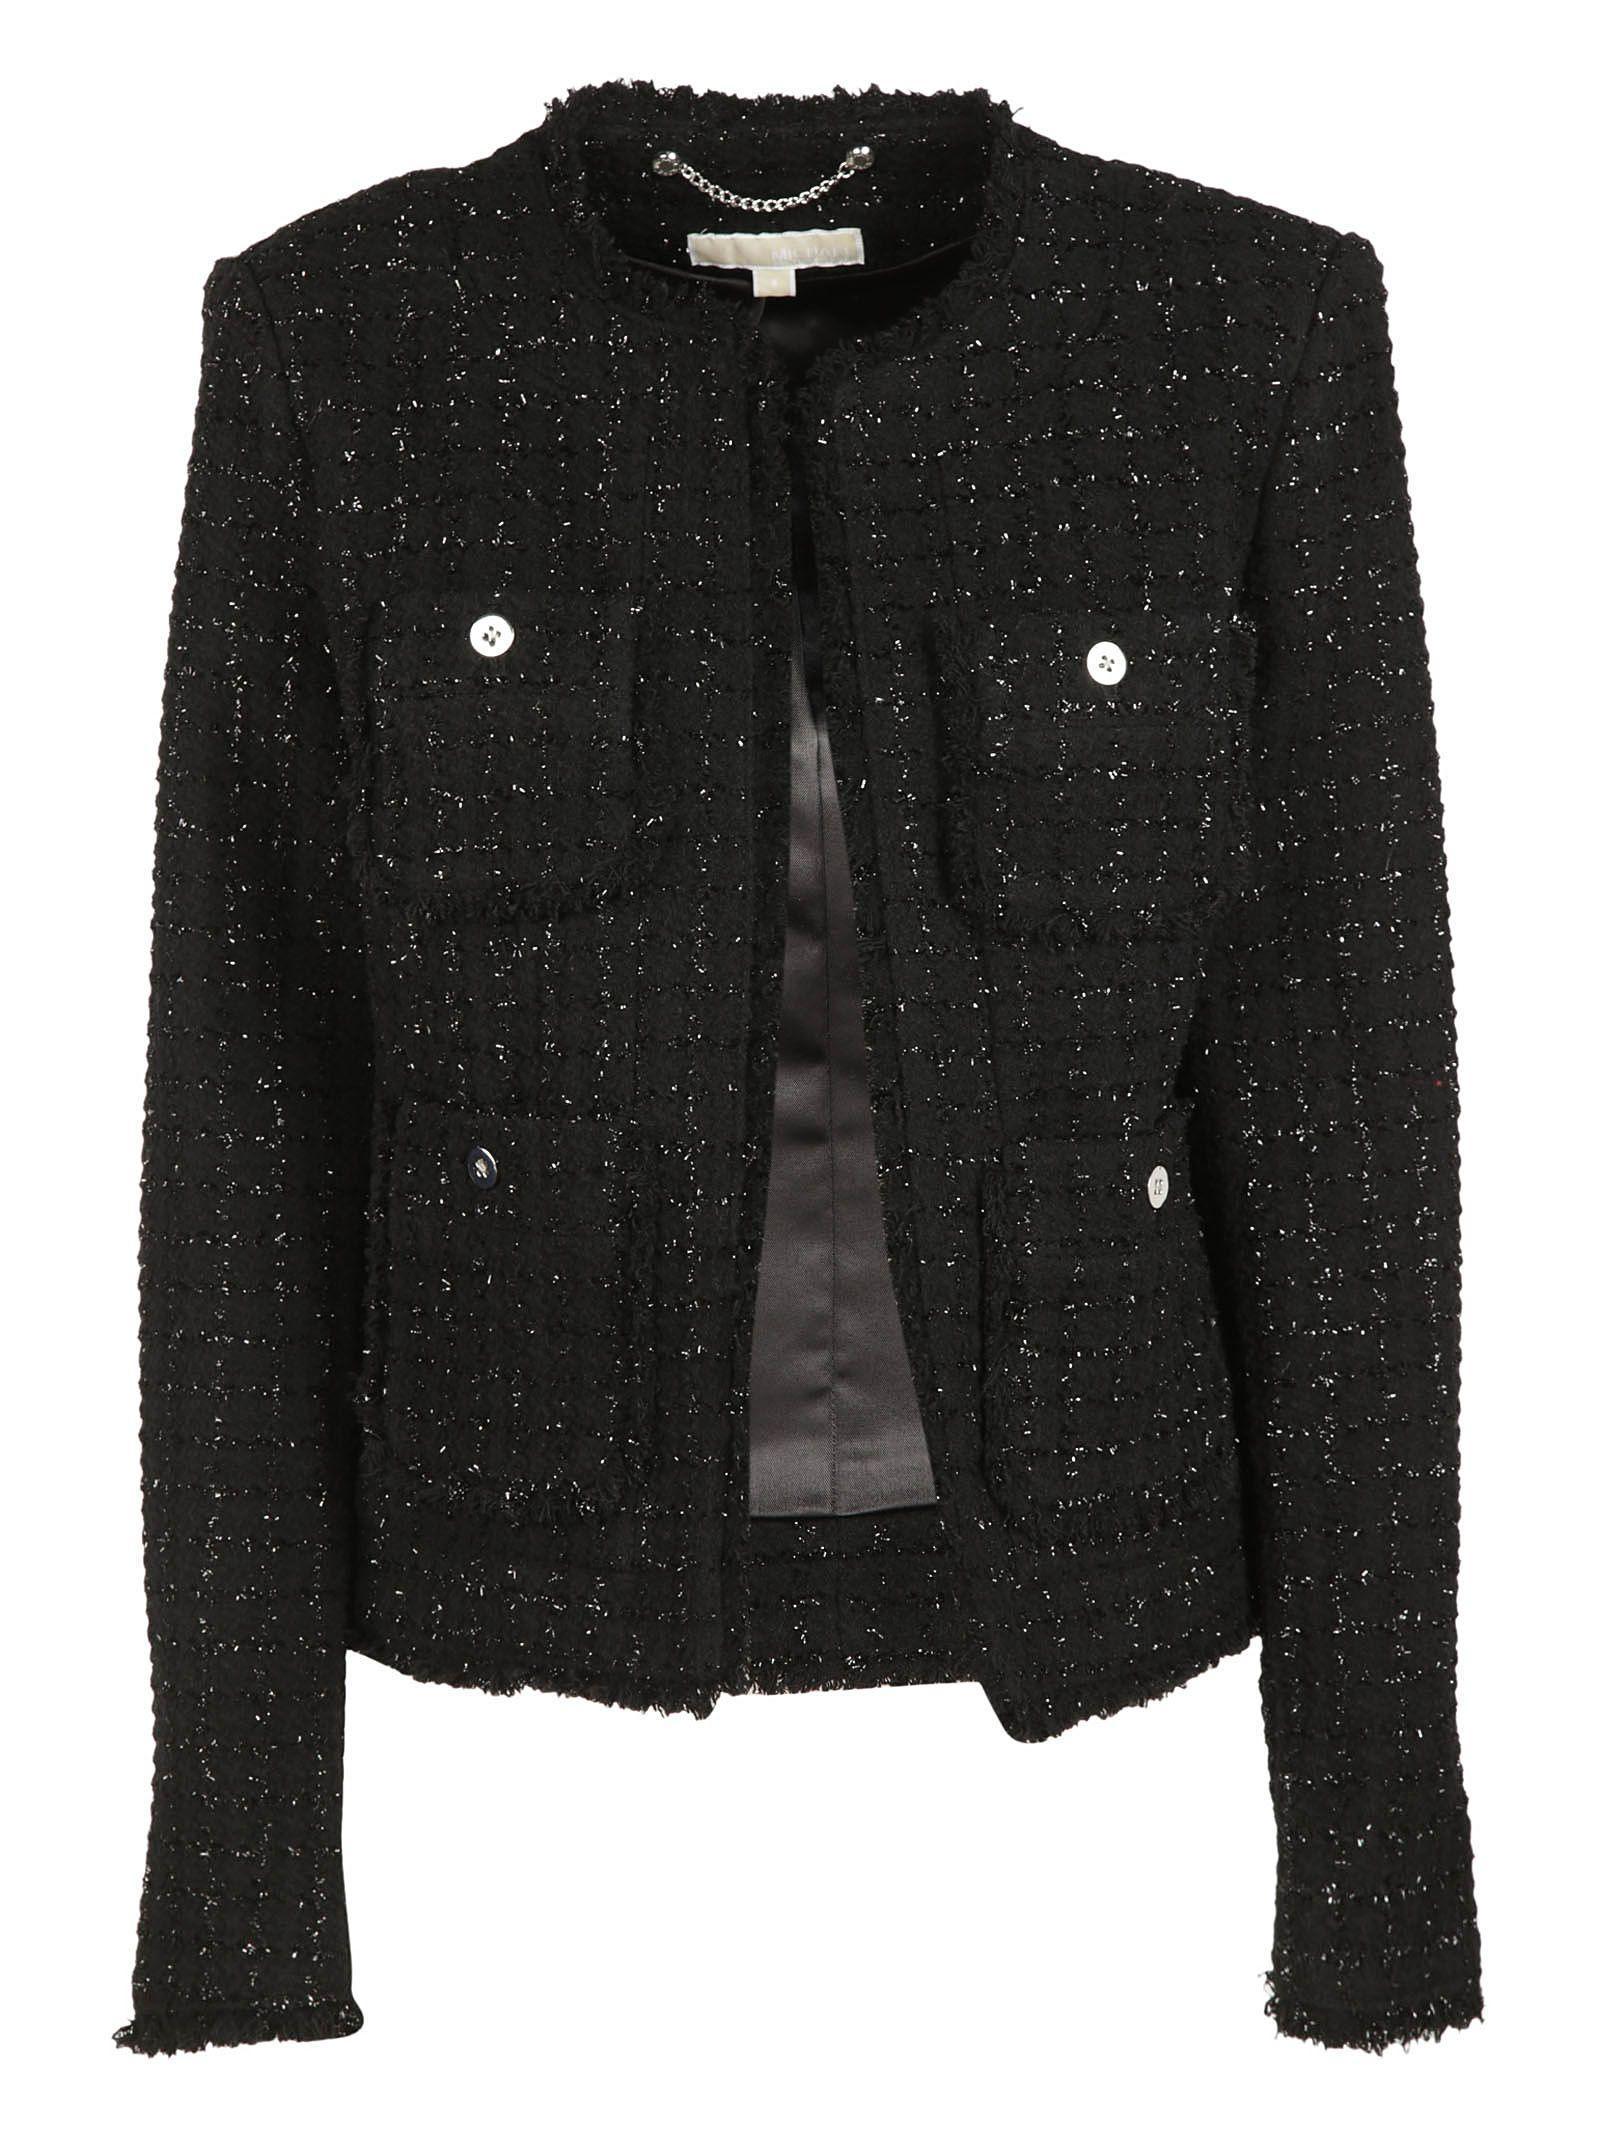 Michael Kors Tweed Jacket In Black/Silver